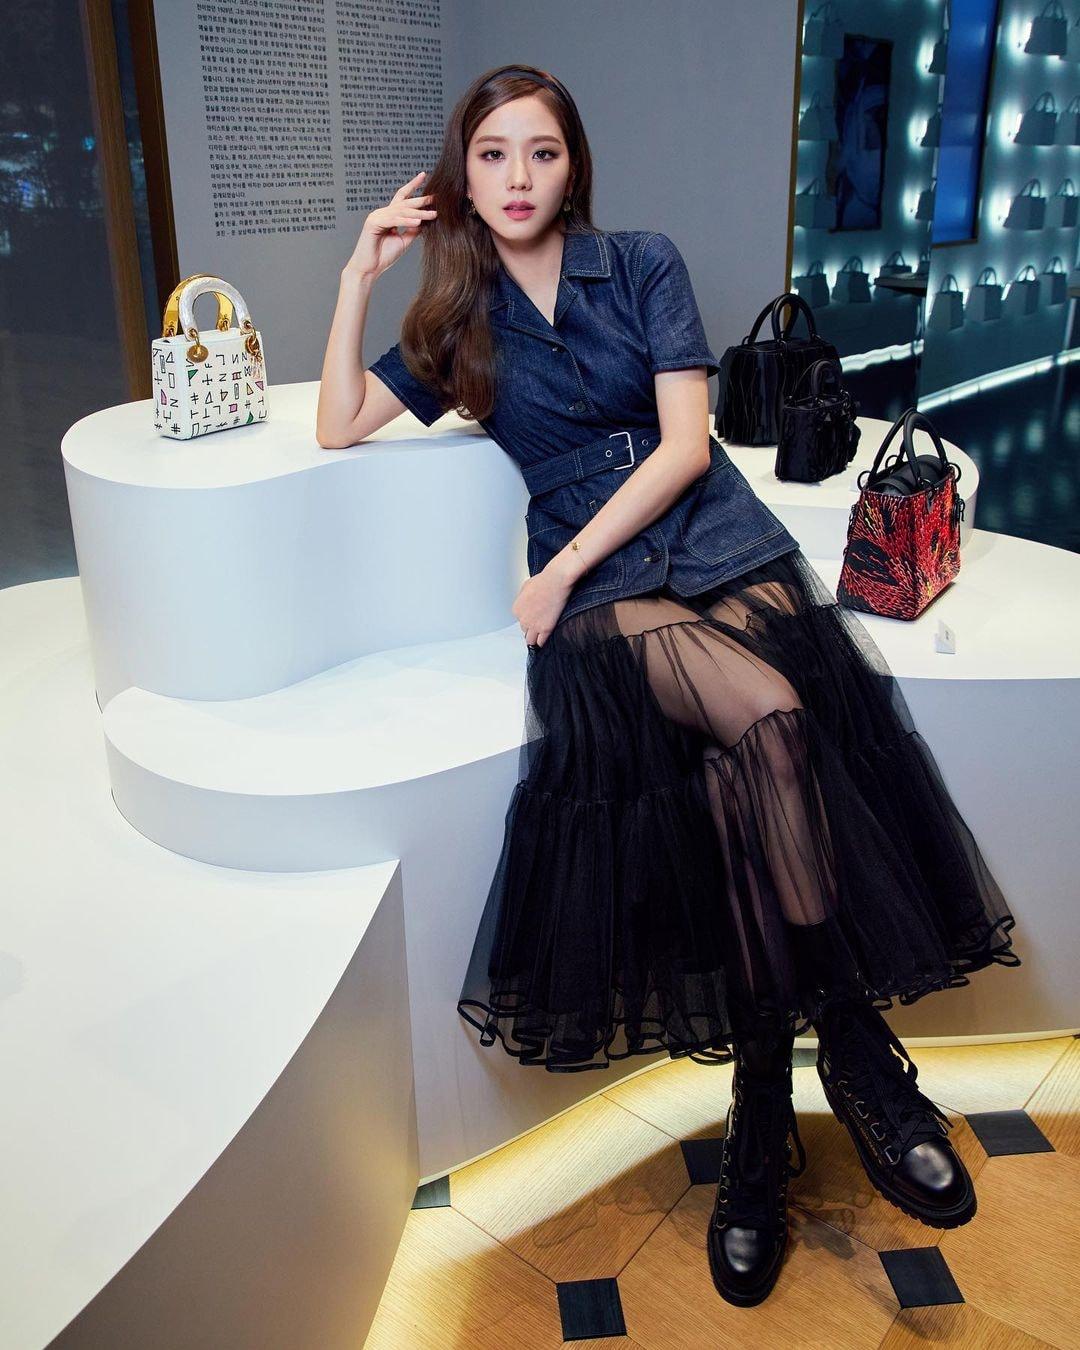 Jisoo – Suzy so kè cực gắt: Chị cả BLACKPINK bị chê 'một màu', tình đầu quốc dân biến hóa thế nào? - Ảnh 4